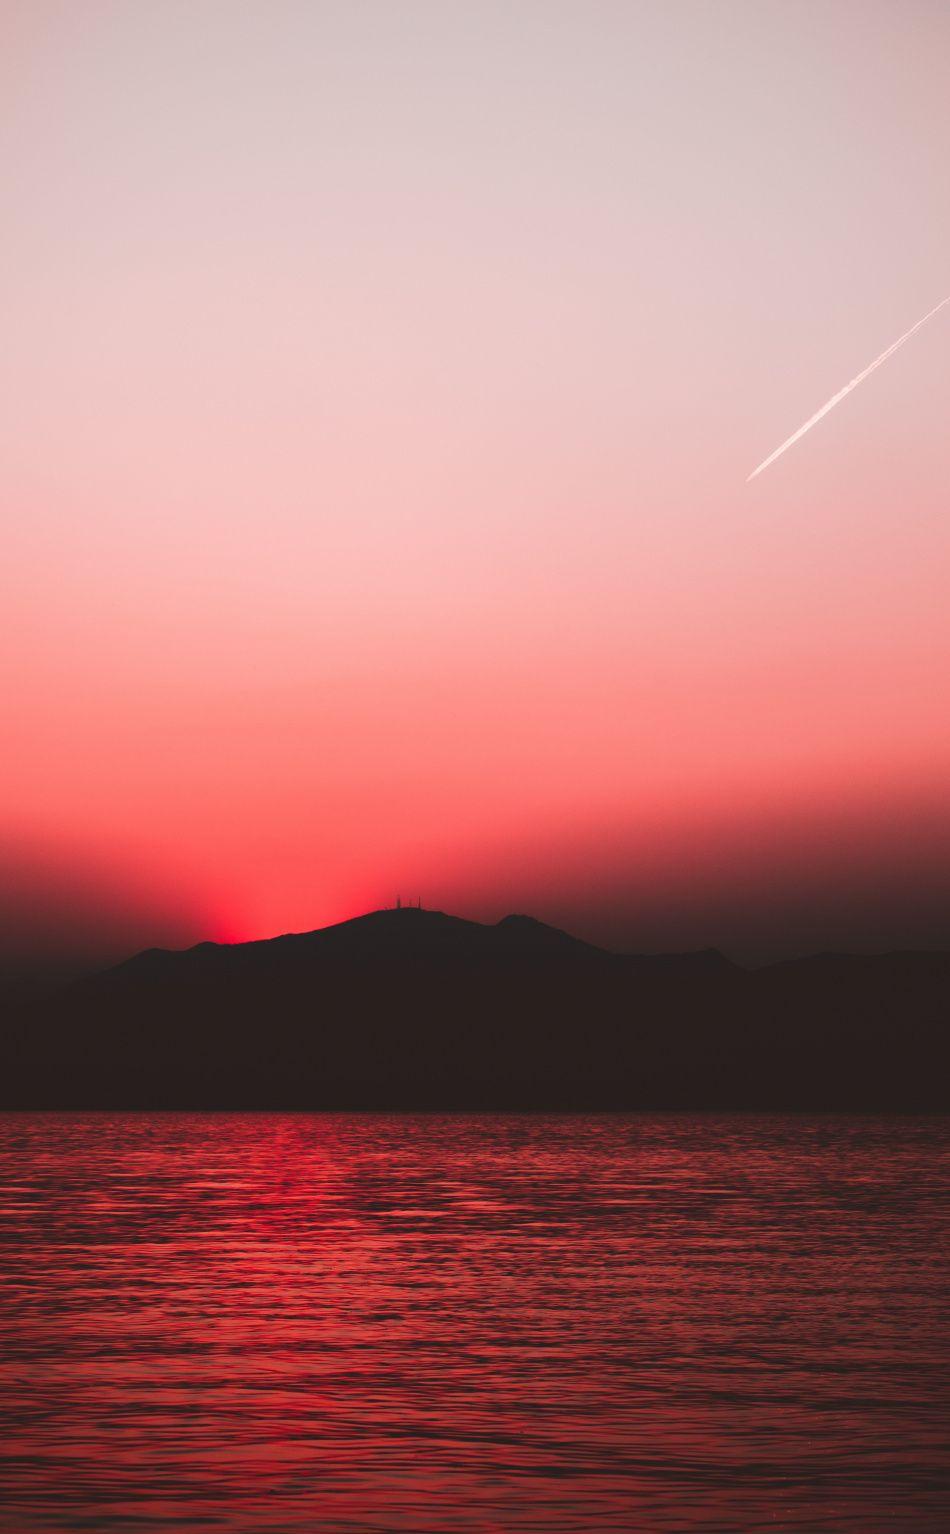 950x1534 Sunset Red Sky Sunset Nature Hill Lake Wallpaper Roze Lucht Lucht Foto Hd wallpaper sunset sky red bridge